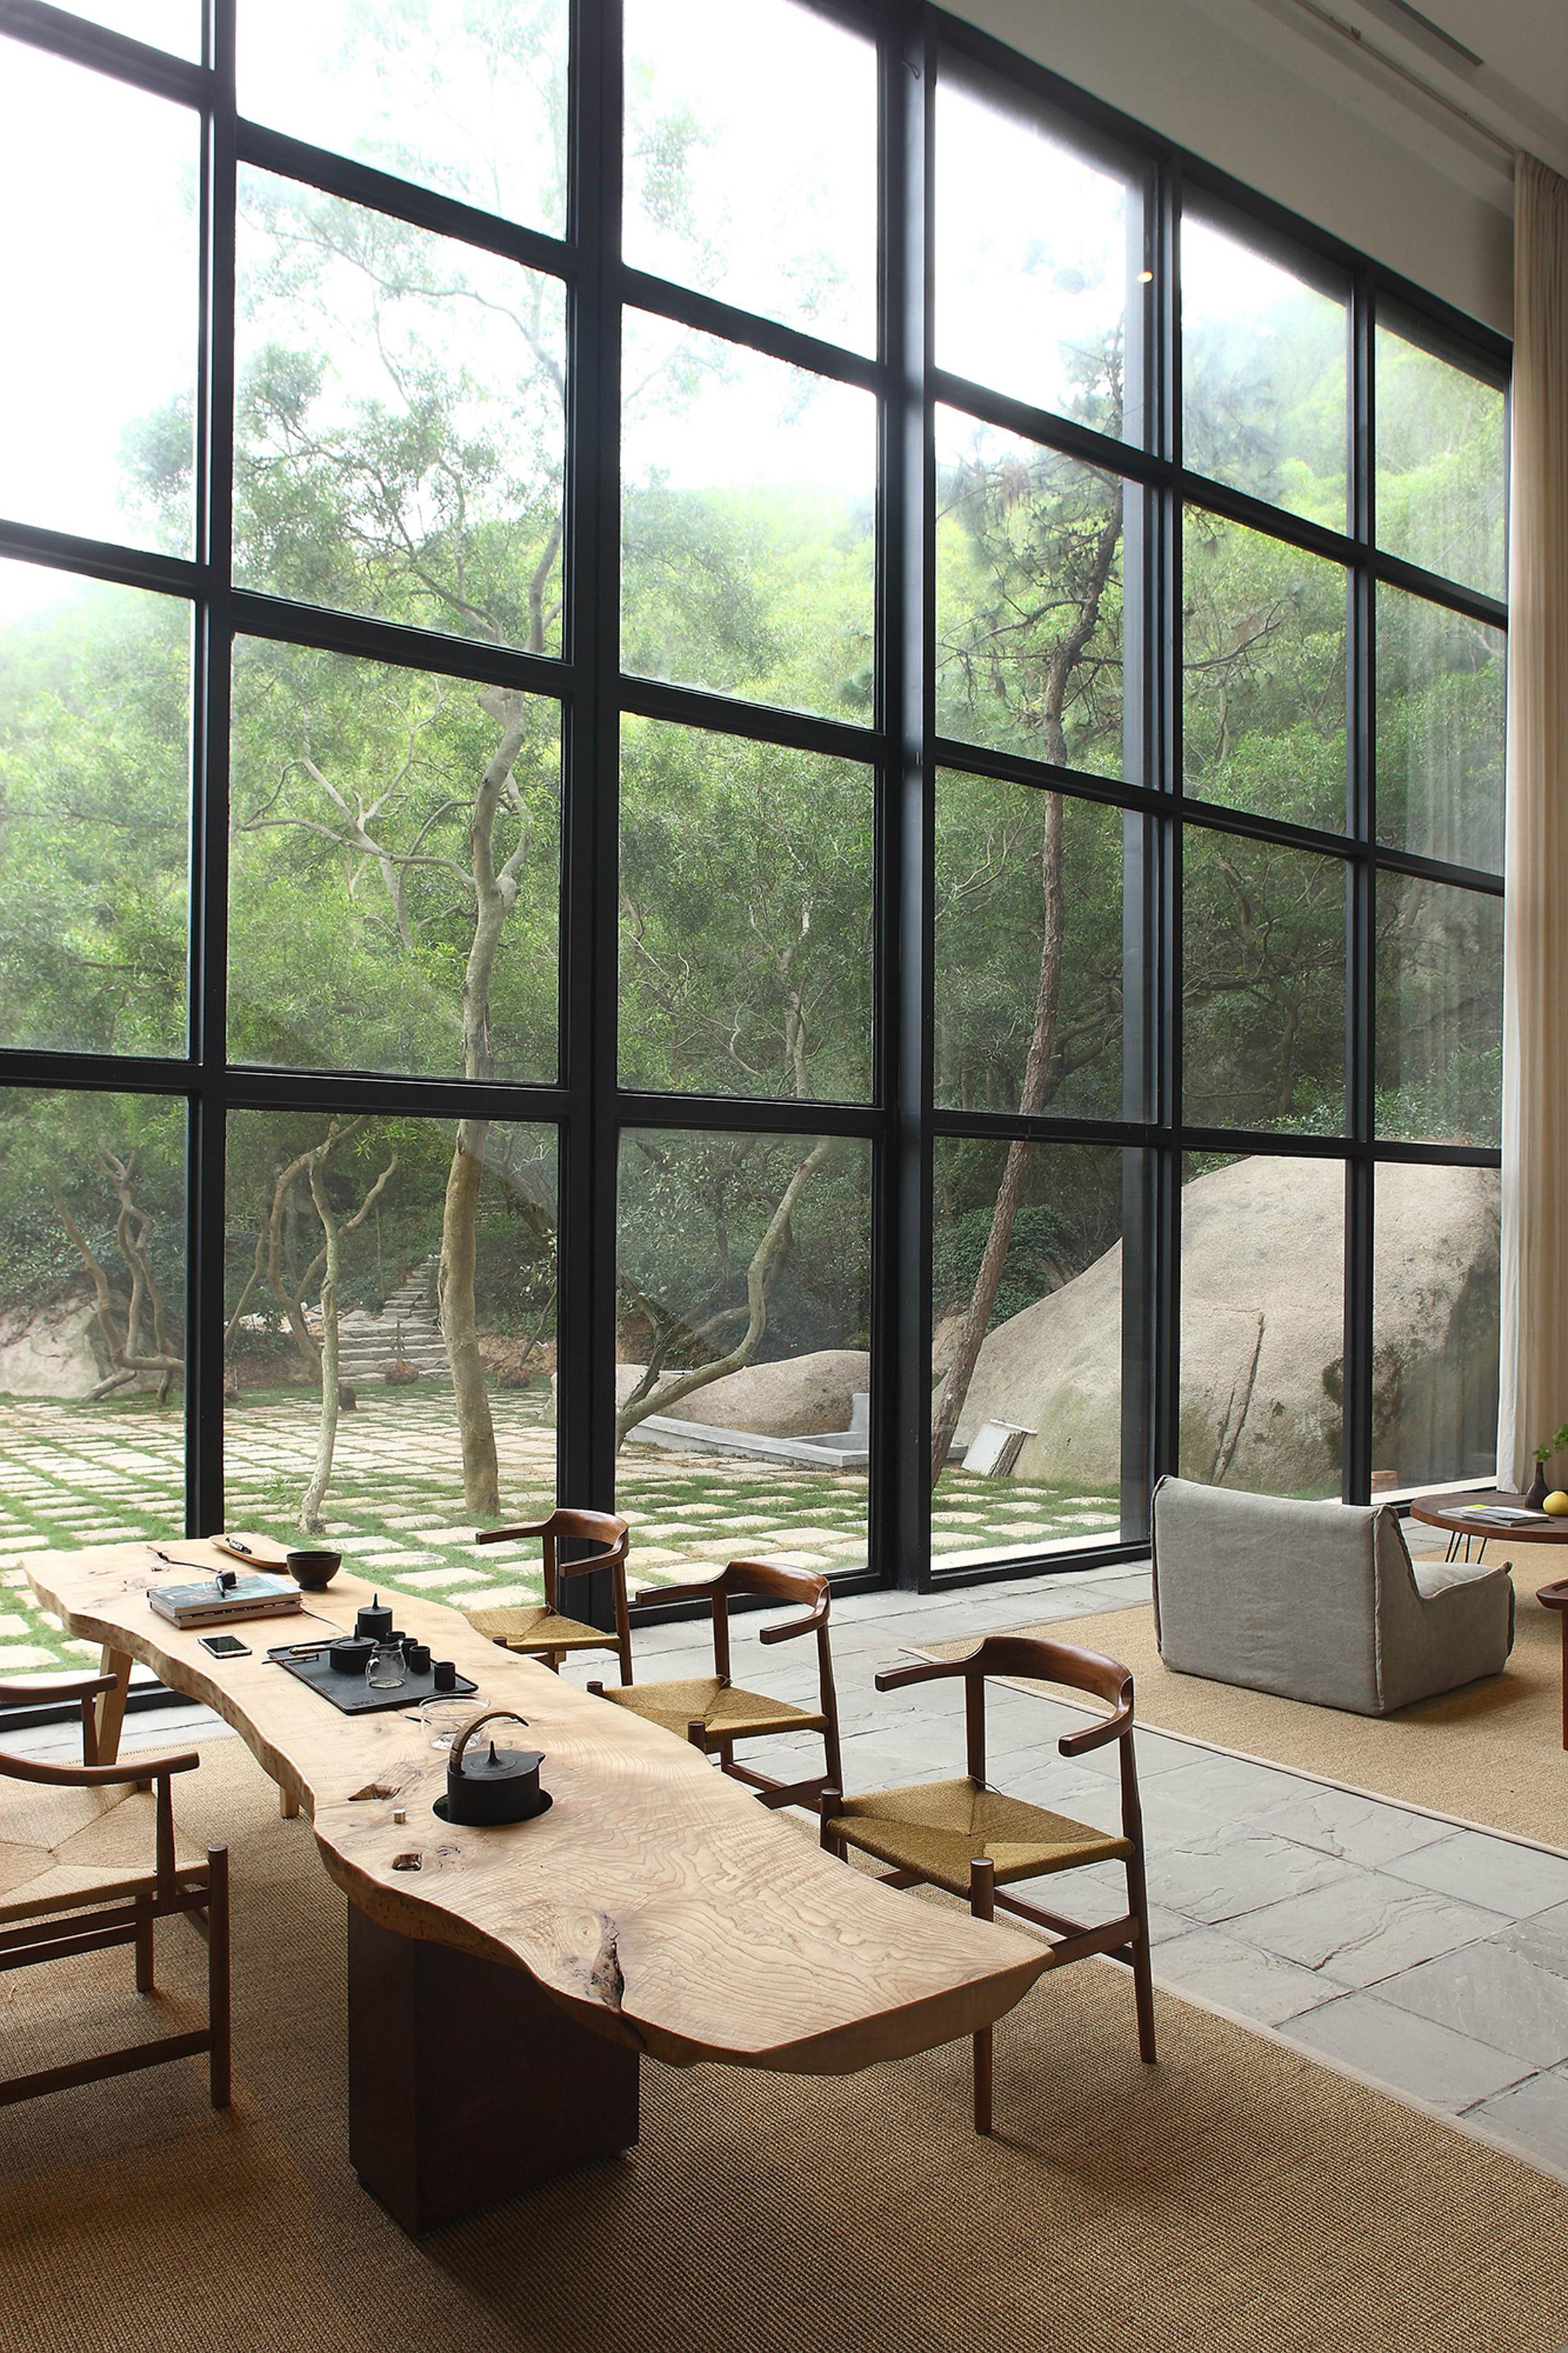 Natural Wabi Sabi elements in a modern home.